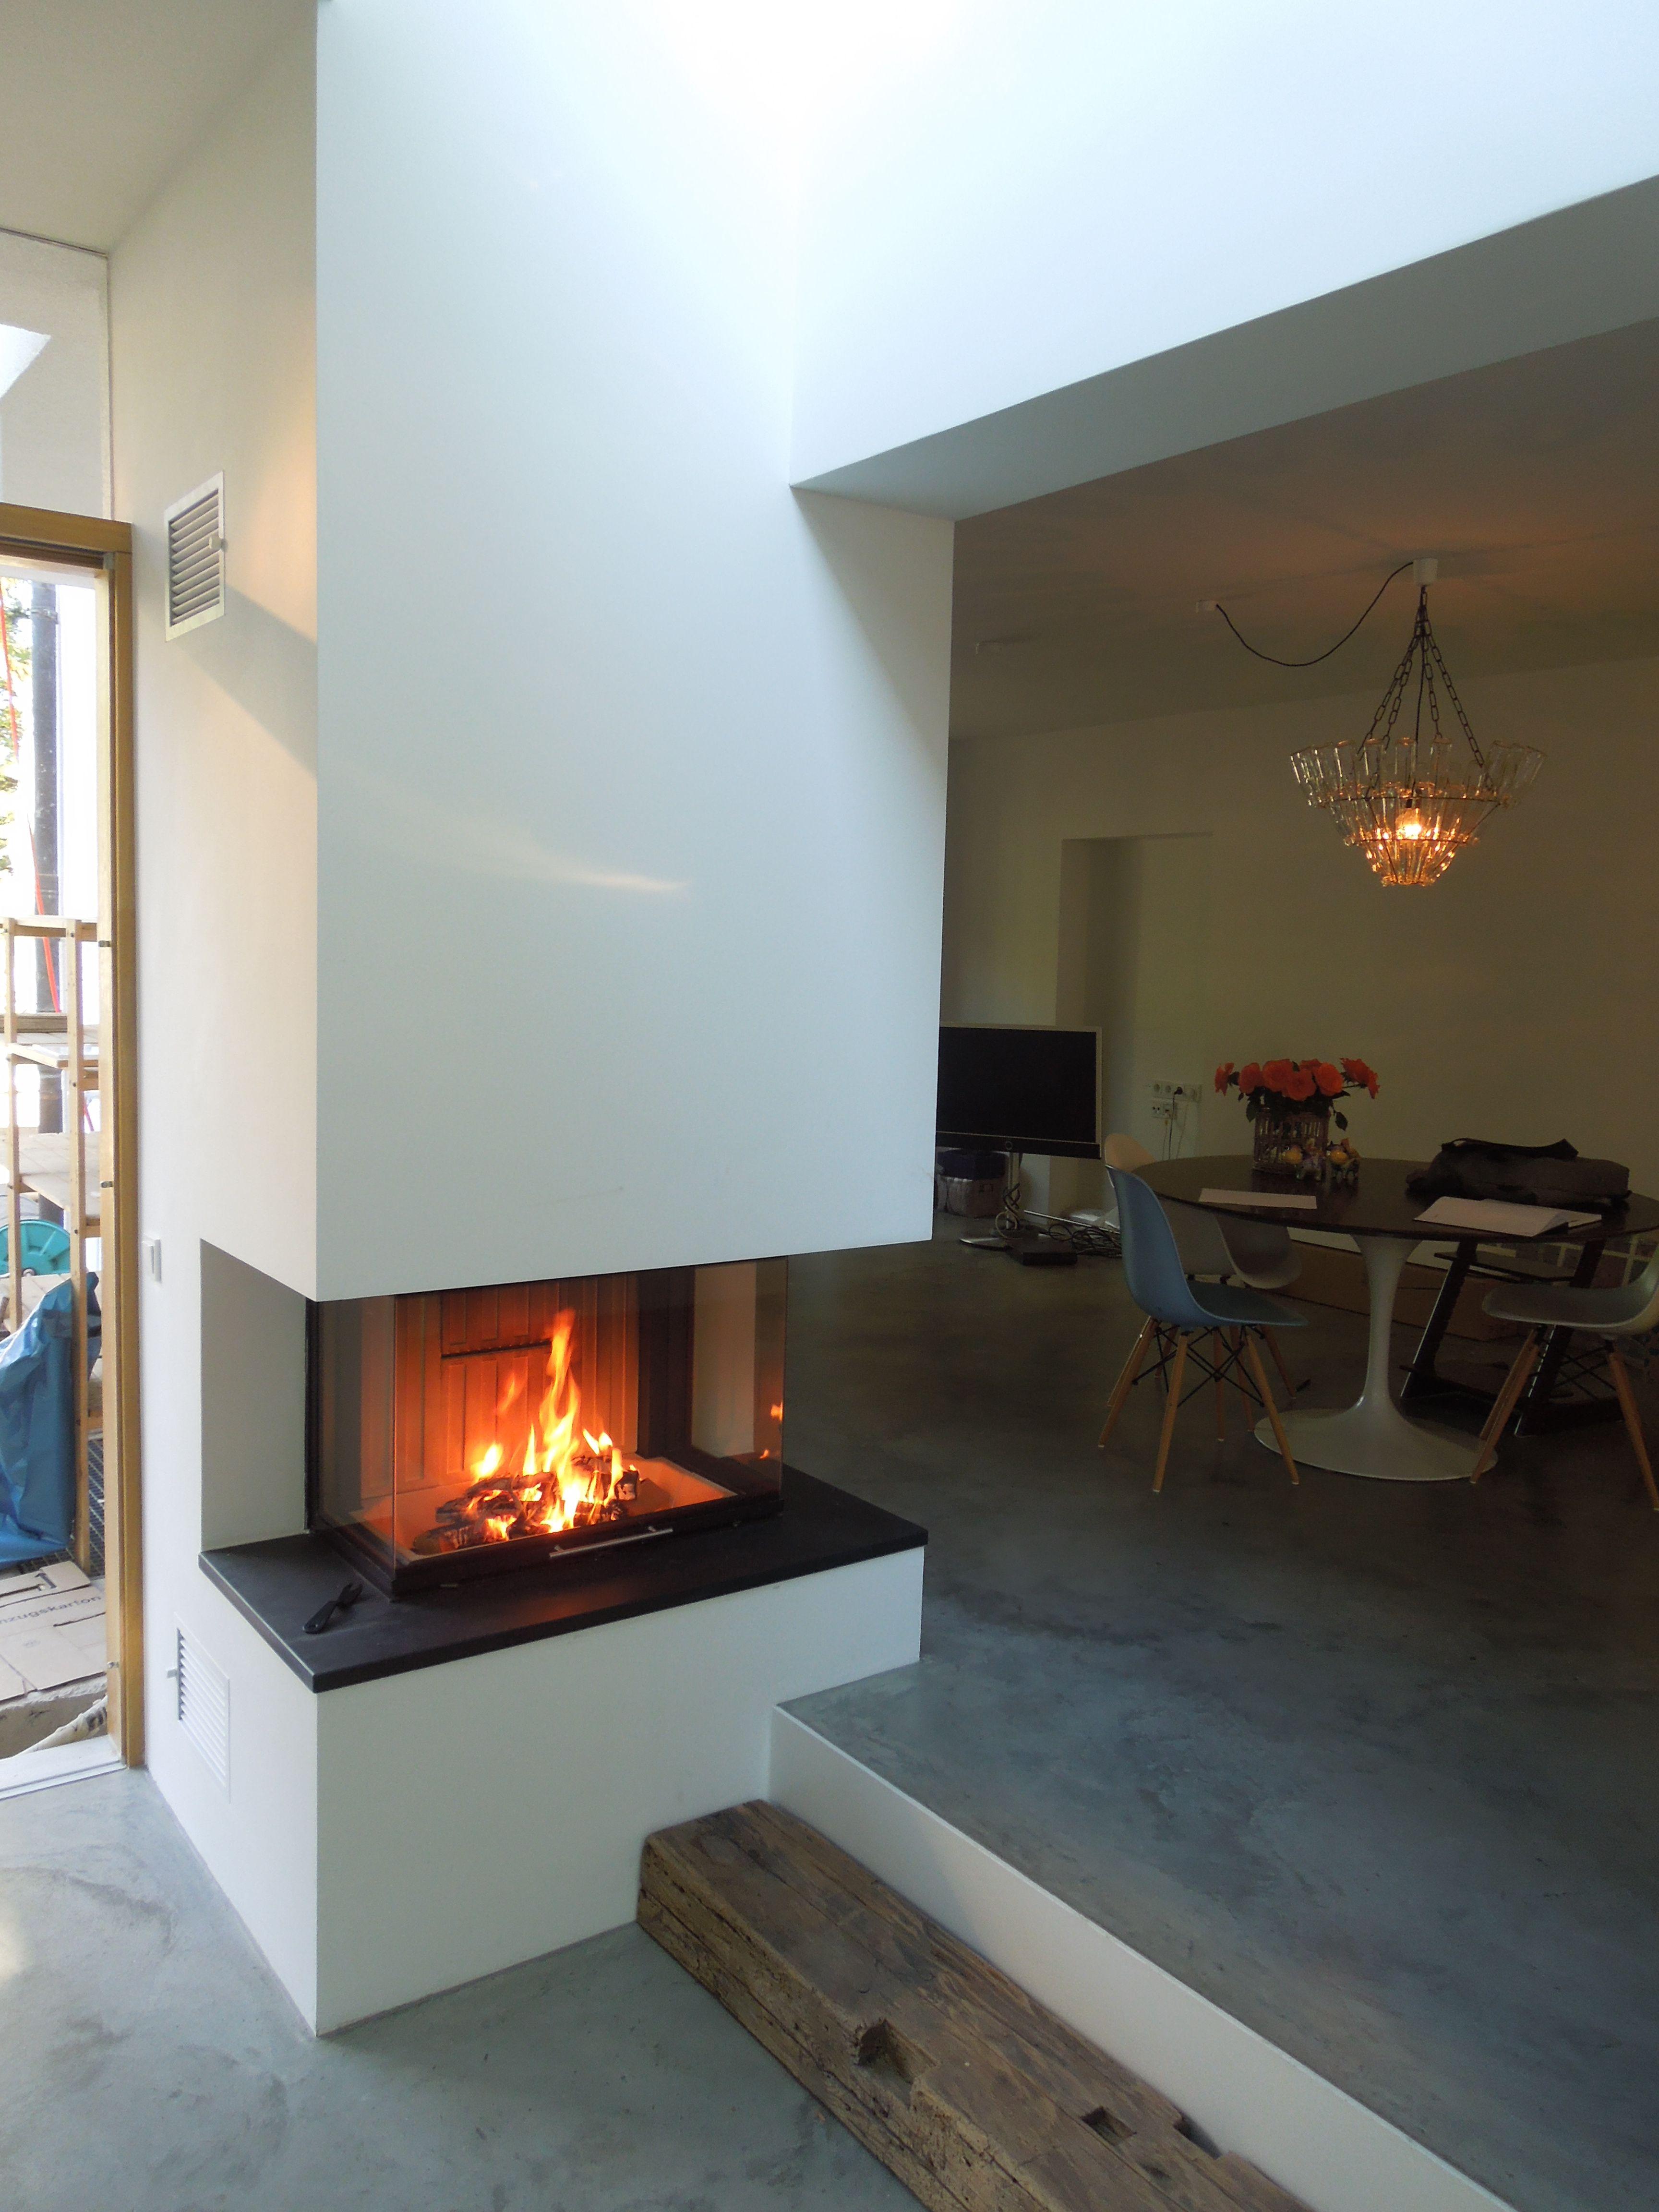 Fesselnd Panorama Kamin In Treppe Integriert. Schlicht Weiß Gemauert Mit Einem  Feuertisch Aus Anthrazitfarbigem Naturschieferstein